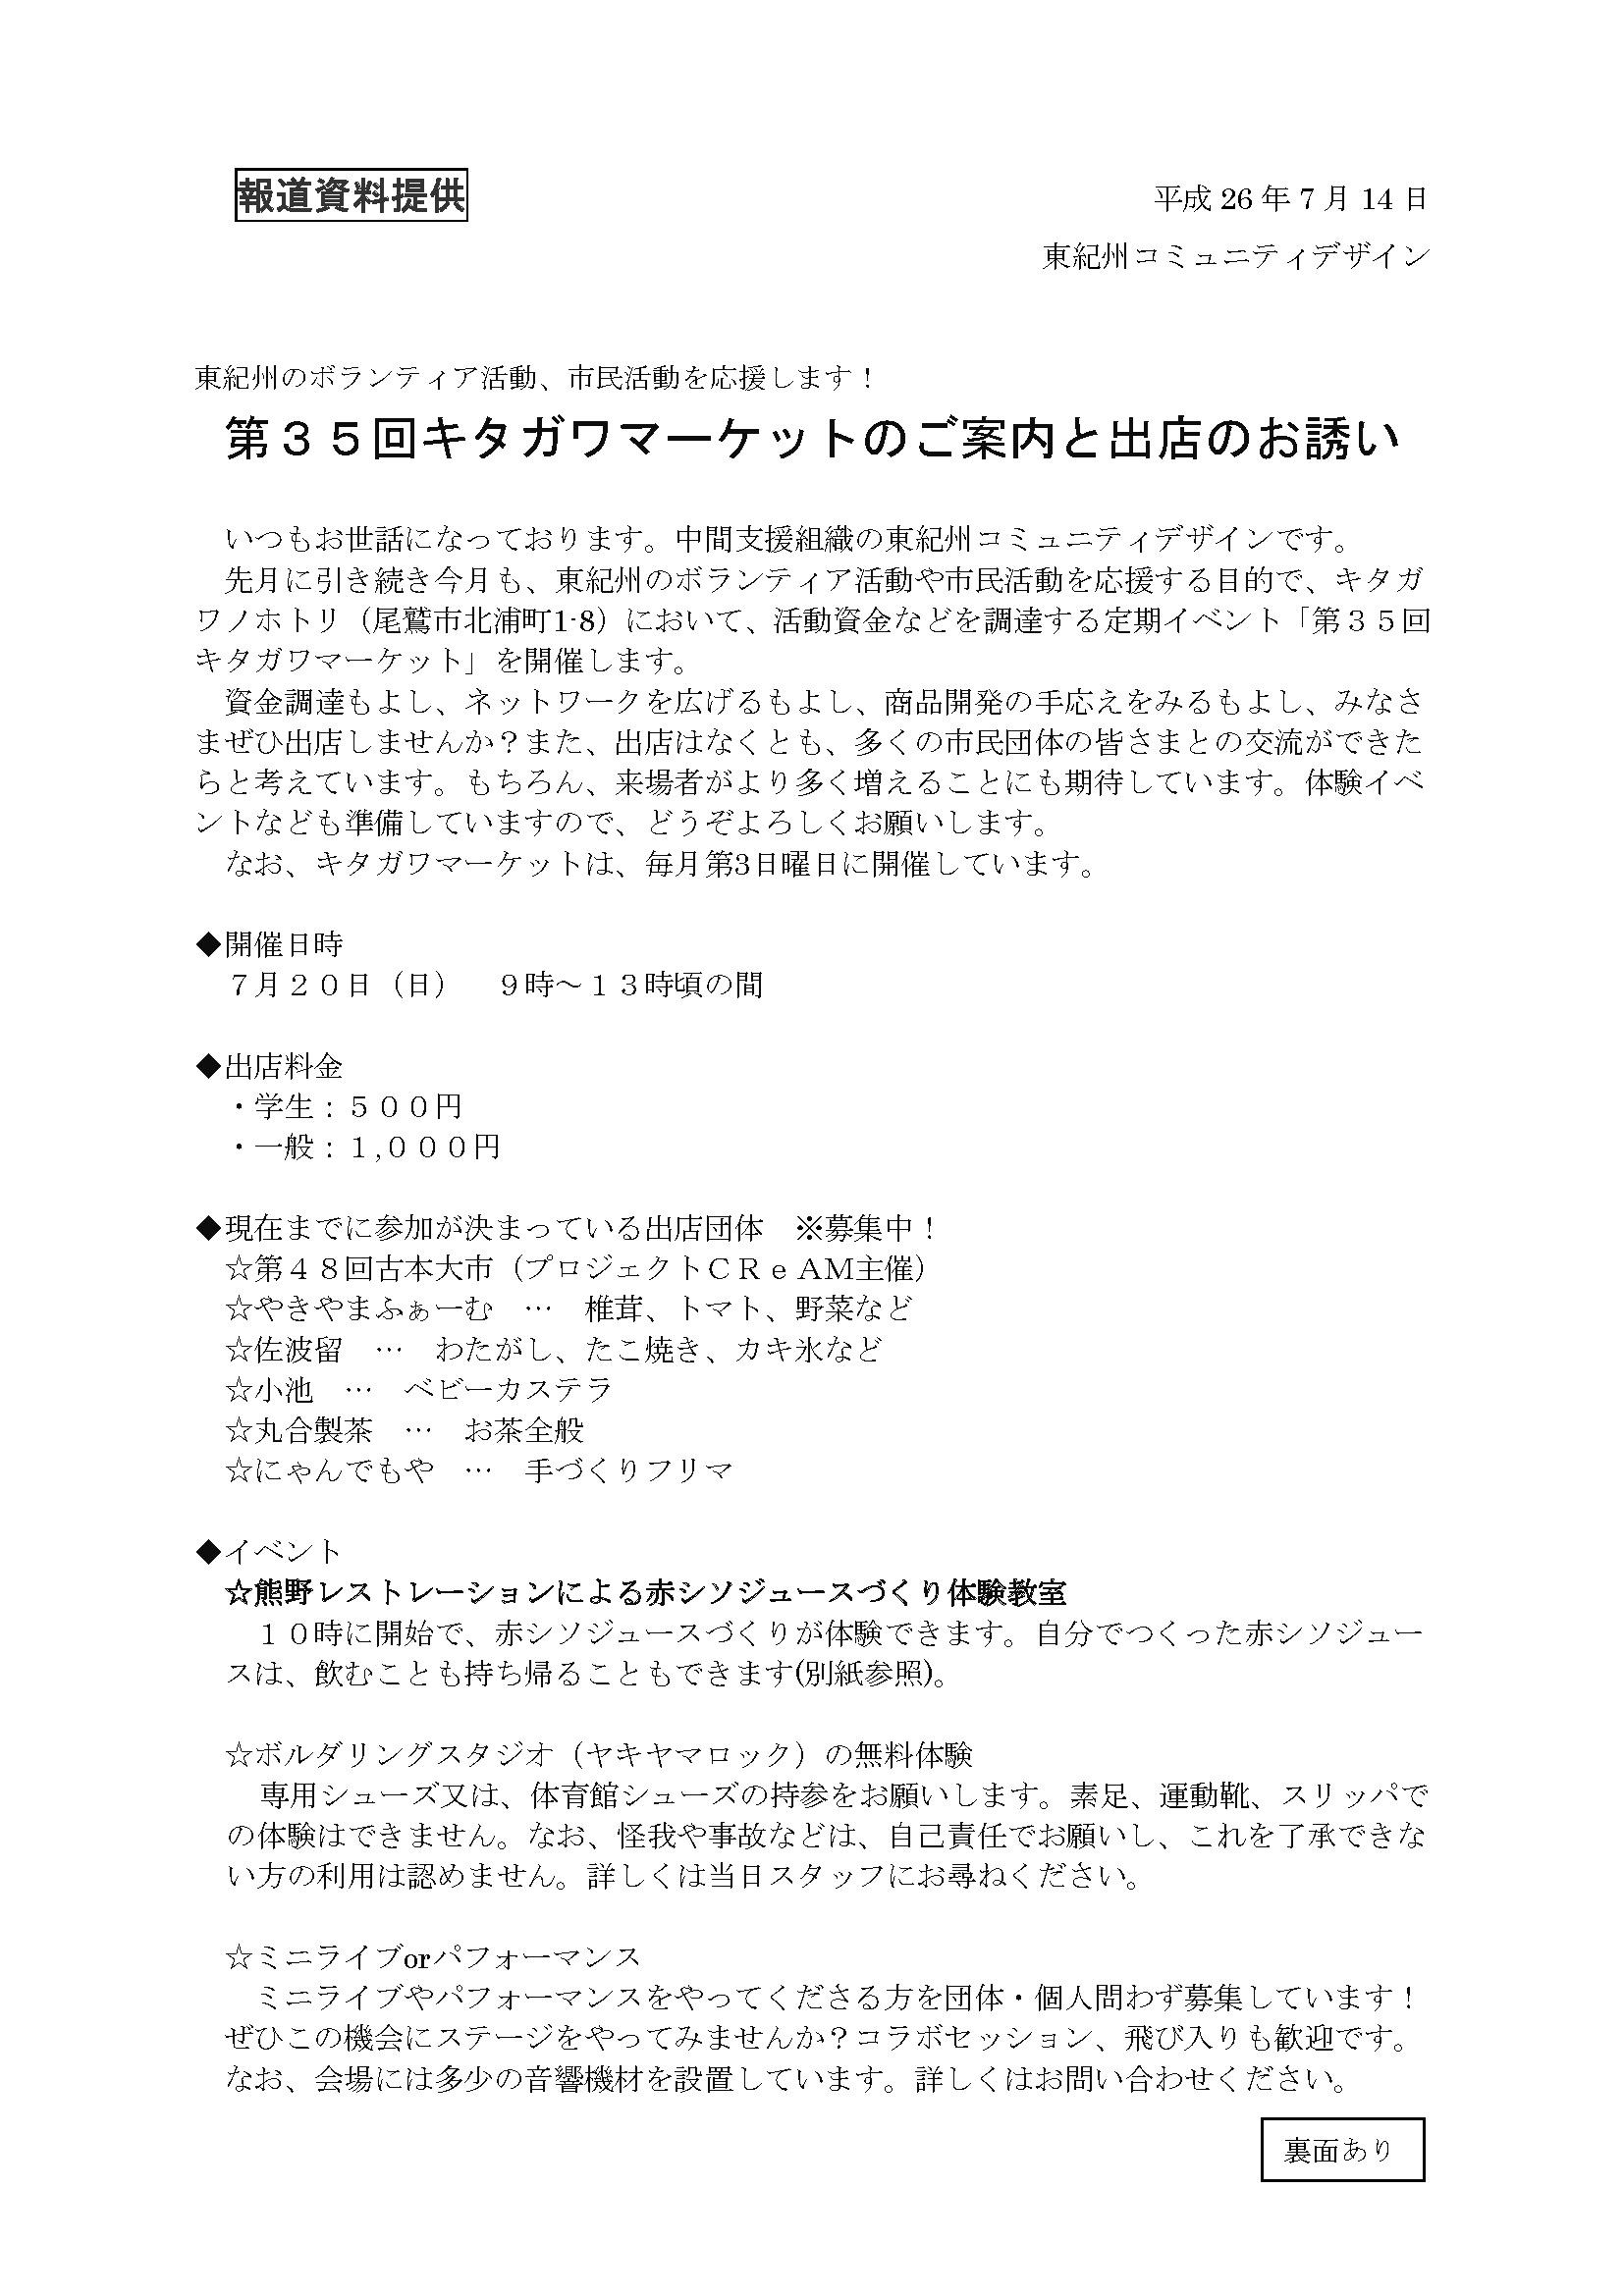 第35回キタガワマーケットとまちづくり_c0010936_9144935.jpg